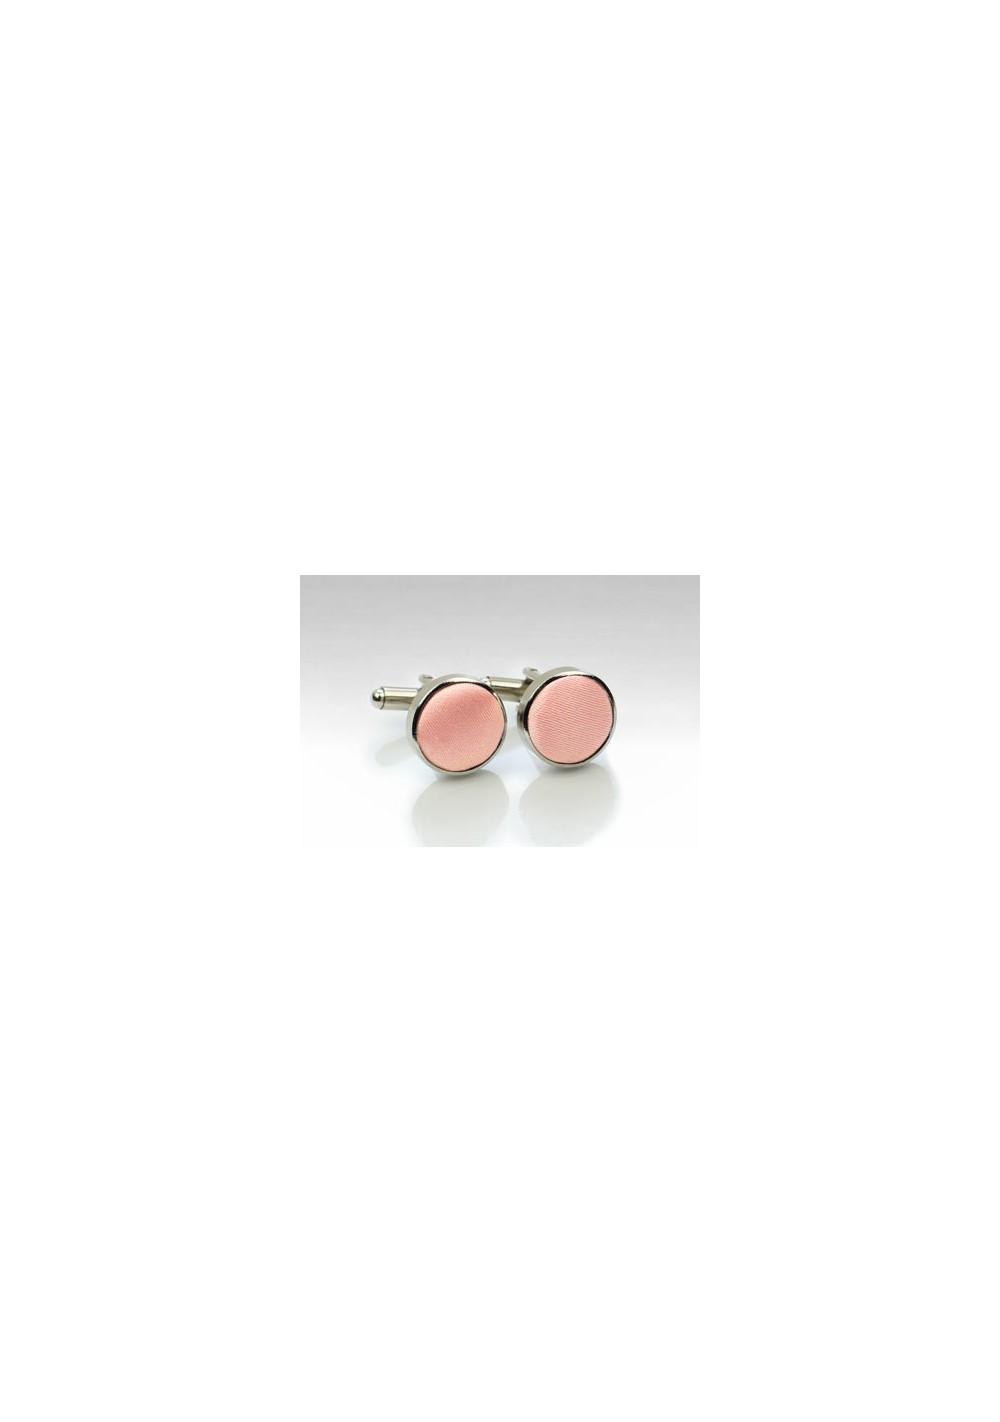 Tropical Peach Cufflinks